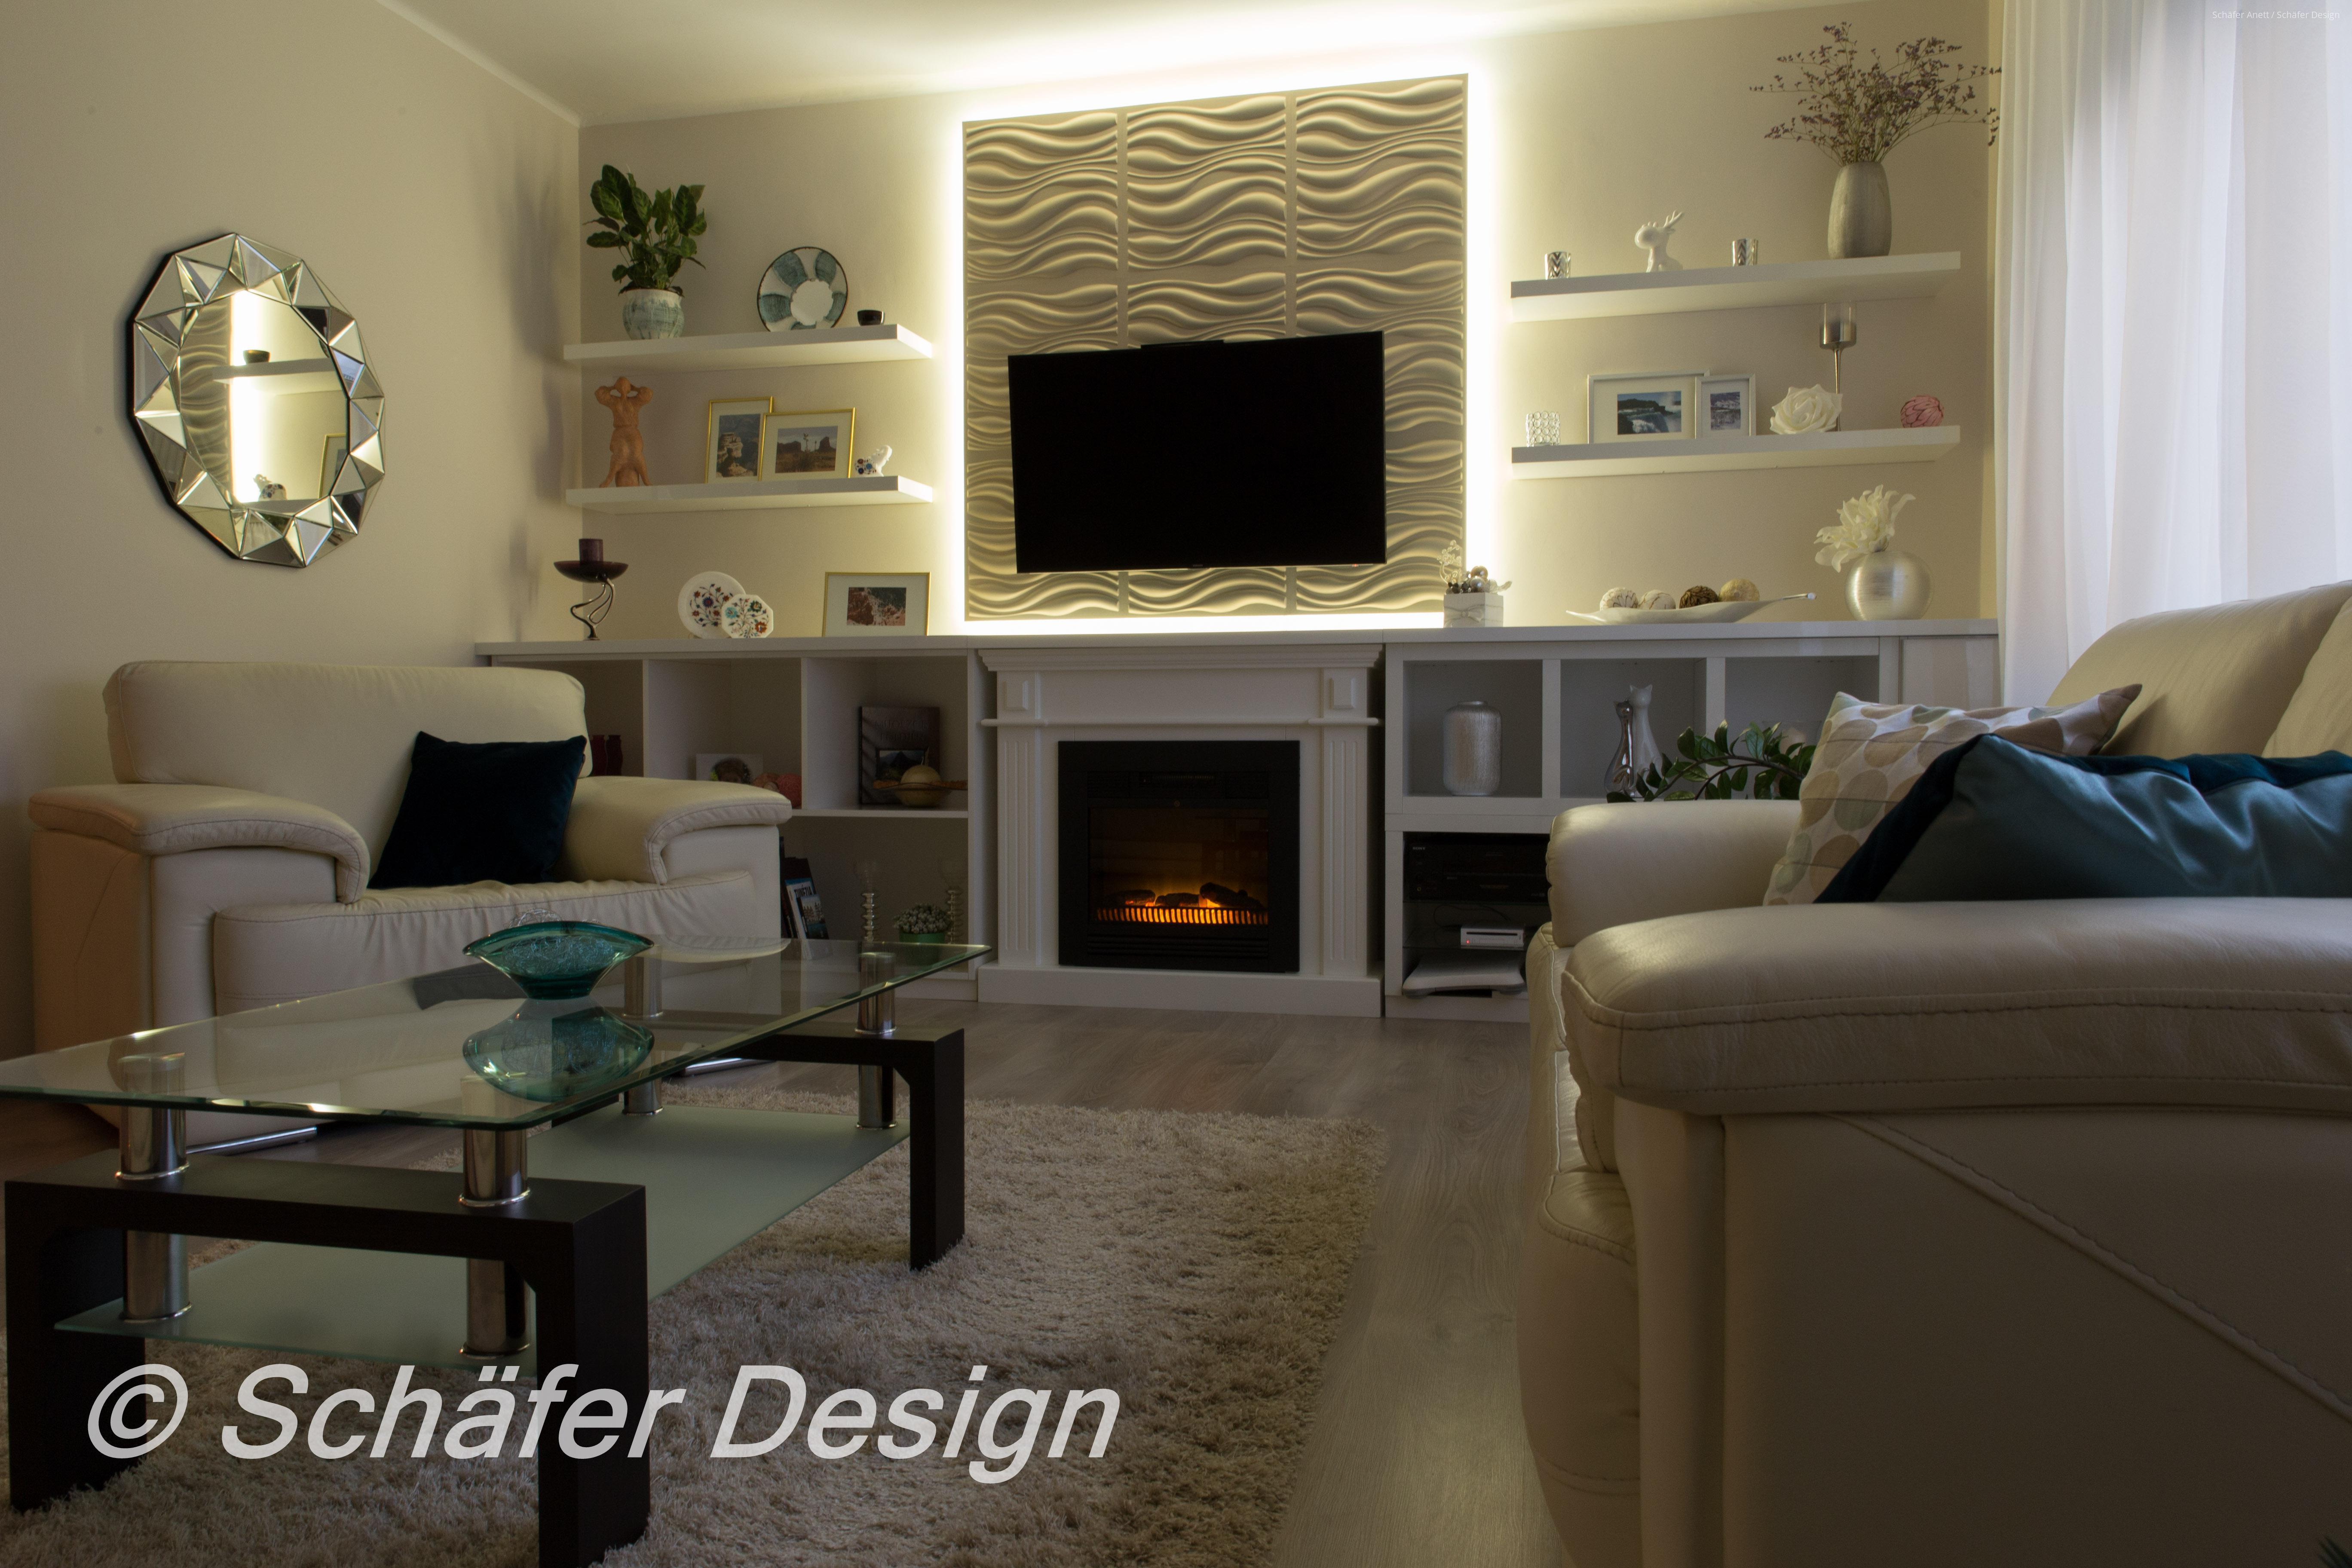 Különleges világítás a nappaliban // HOMEINFO.hu - Inspirációtár